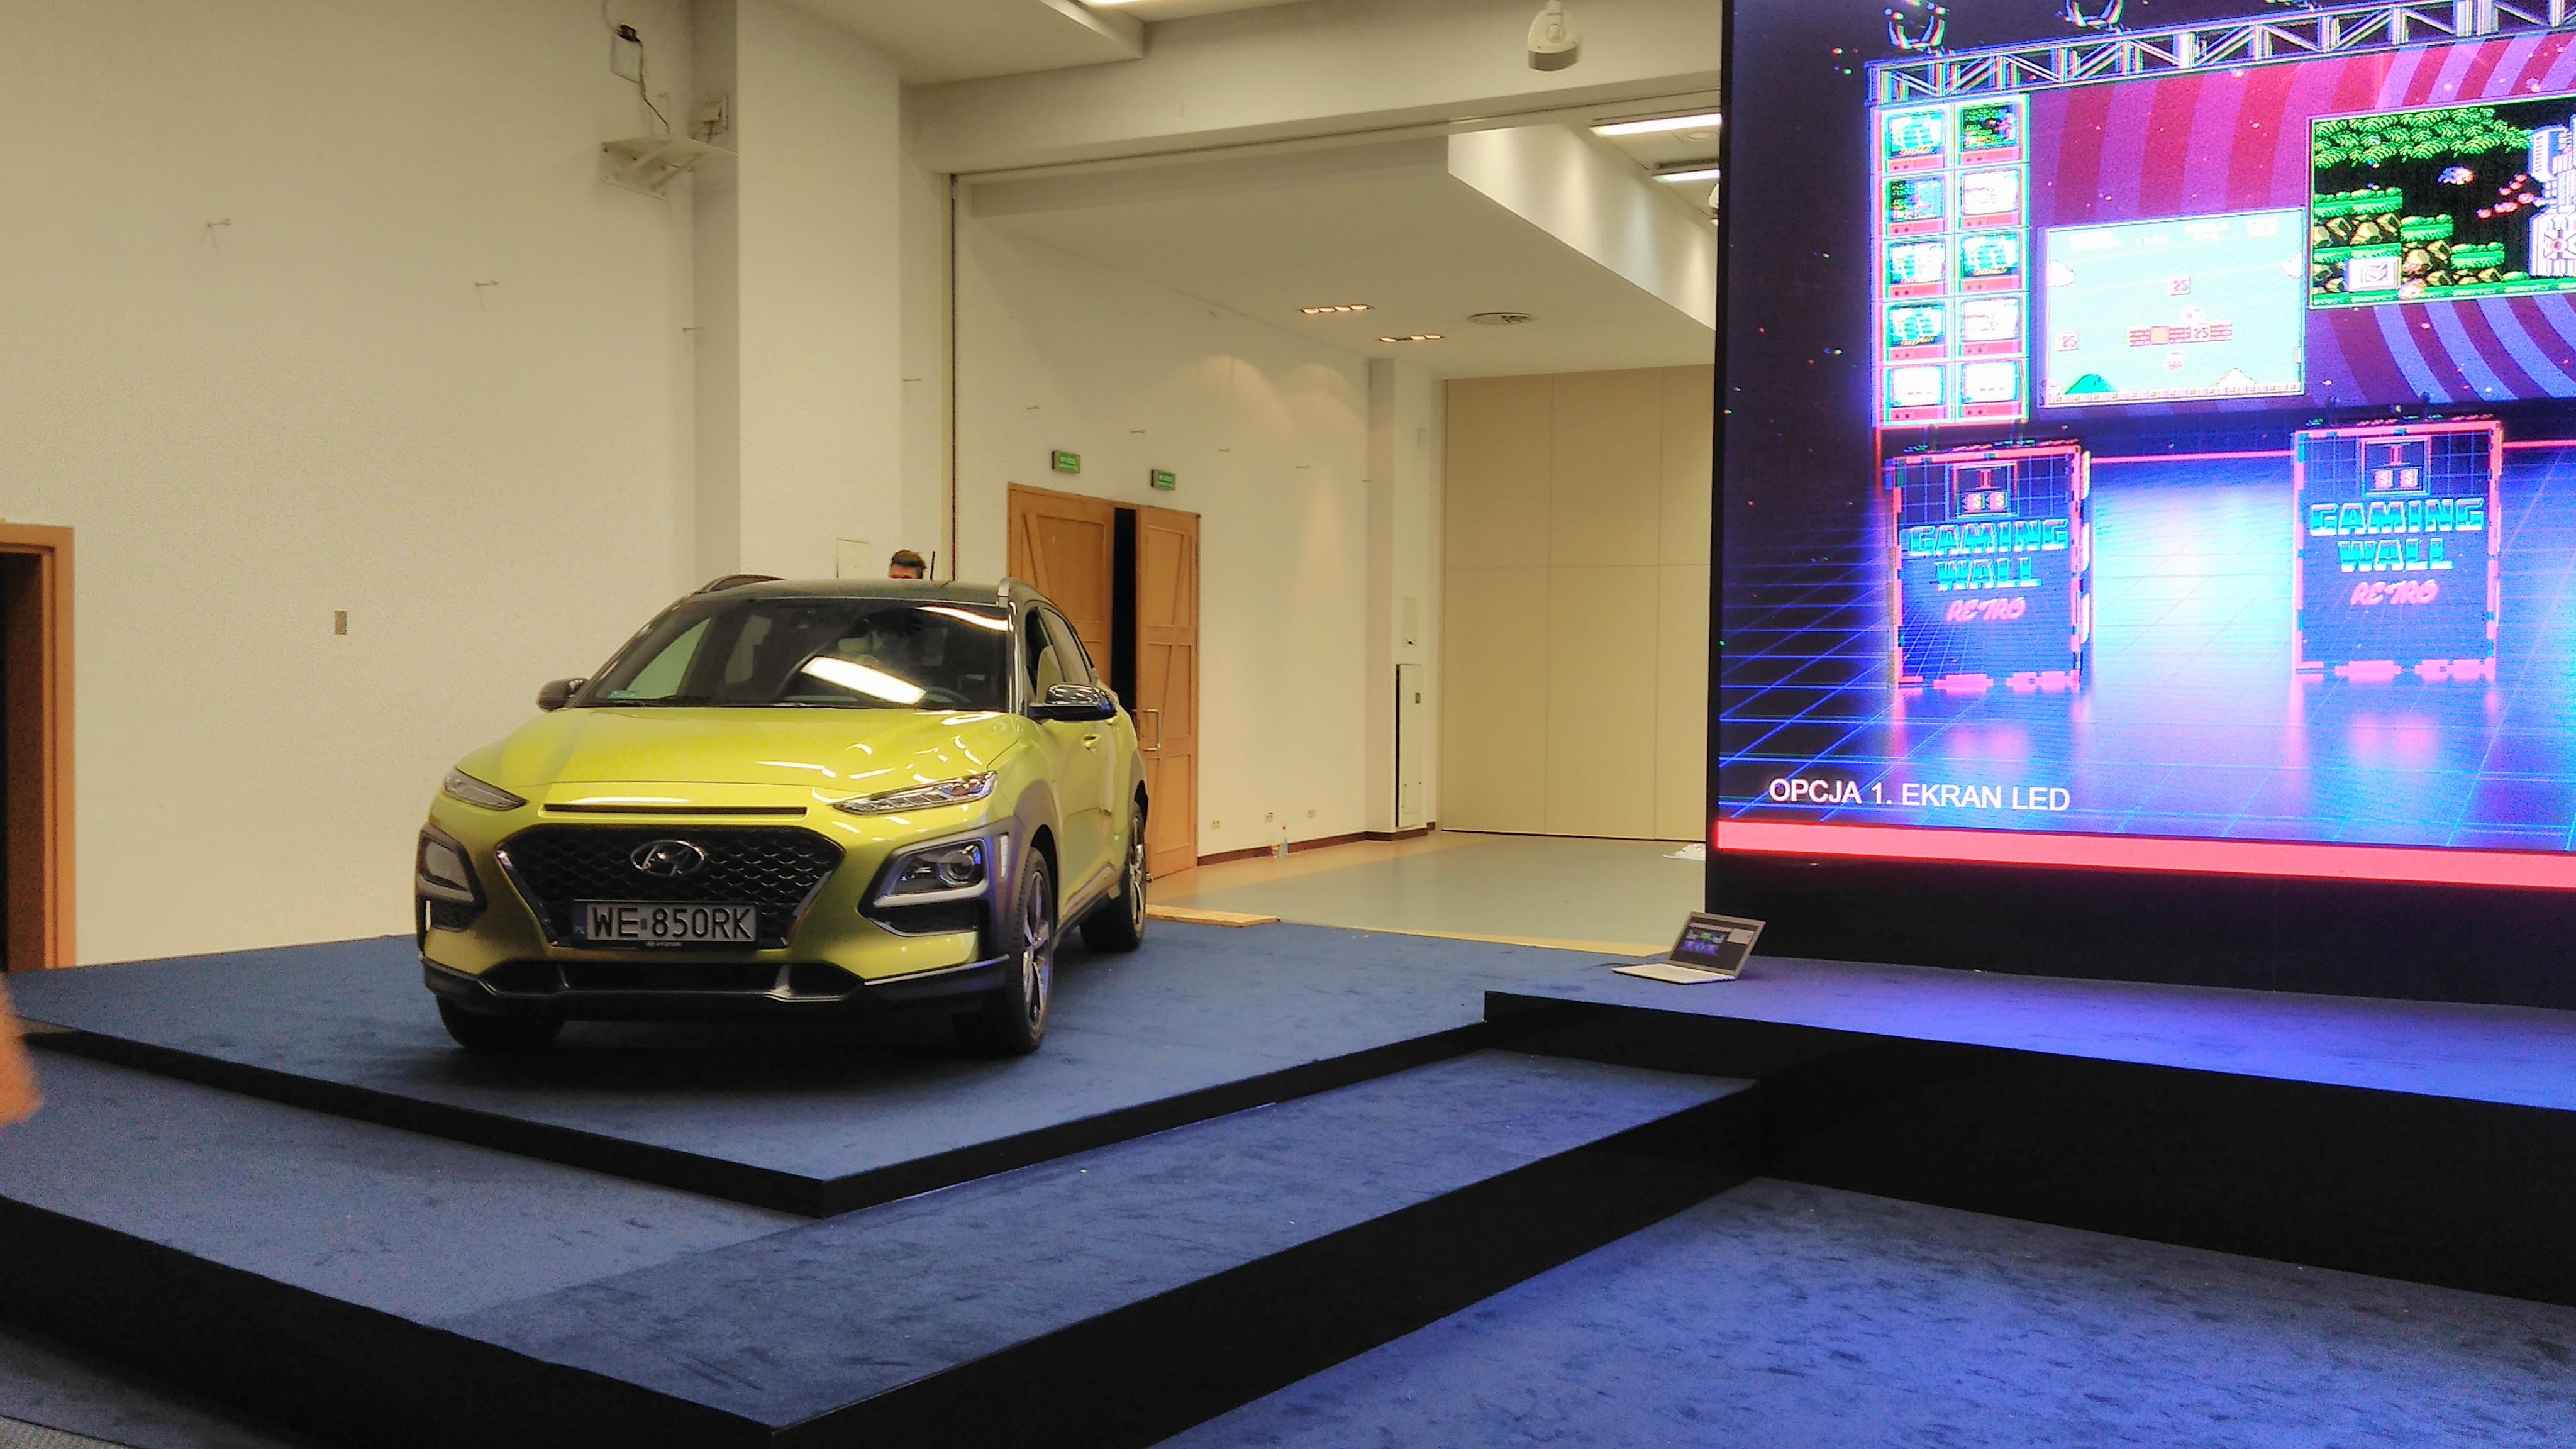 ekspozycja samochodu na scenie